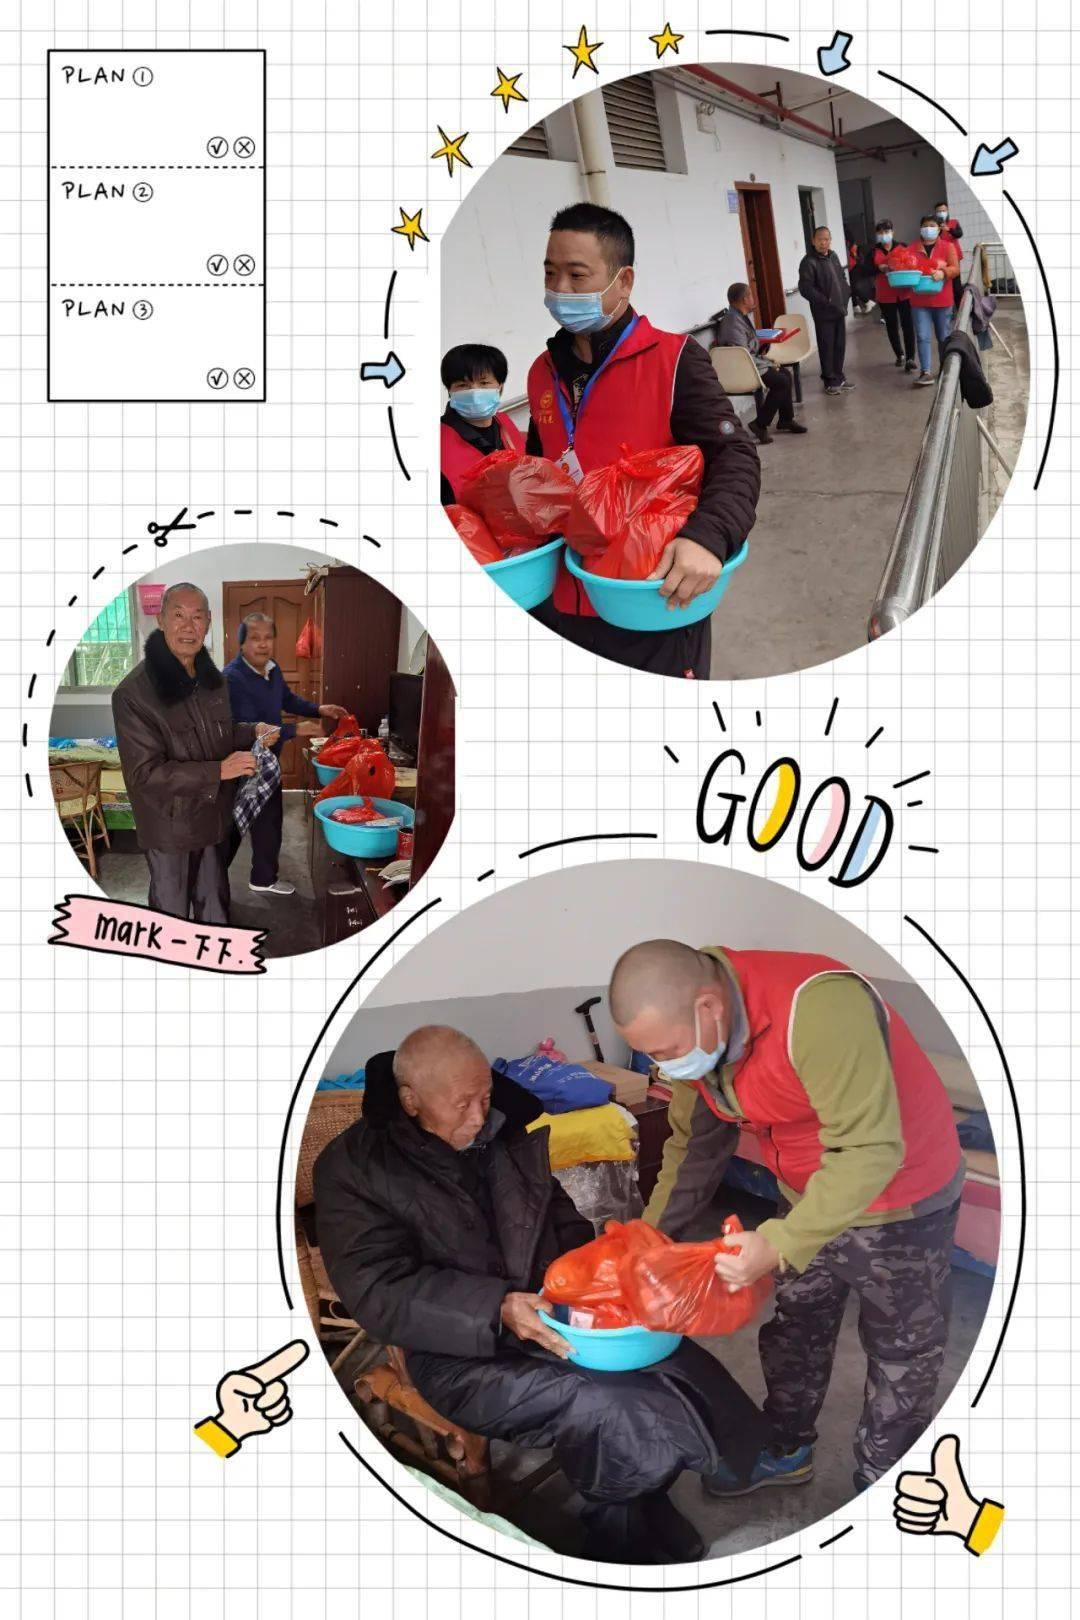 敬老院志愿活动照片